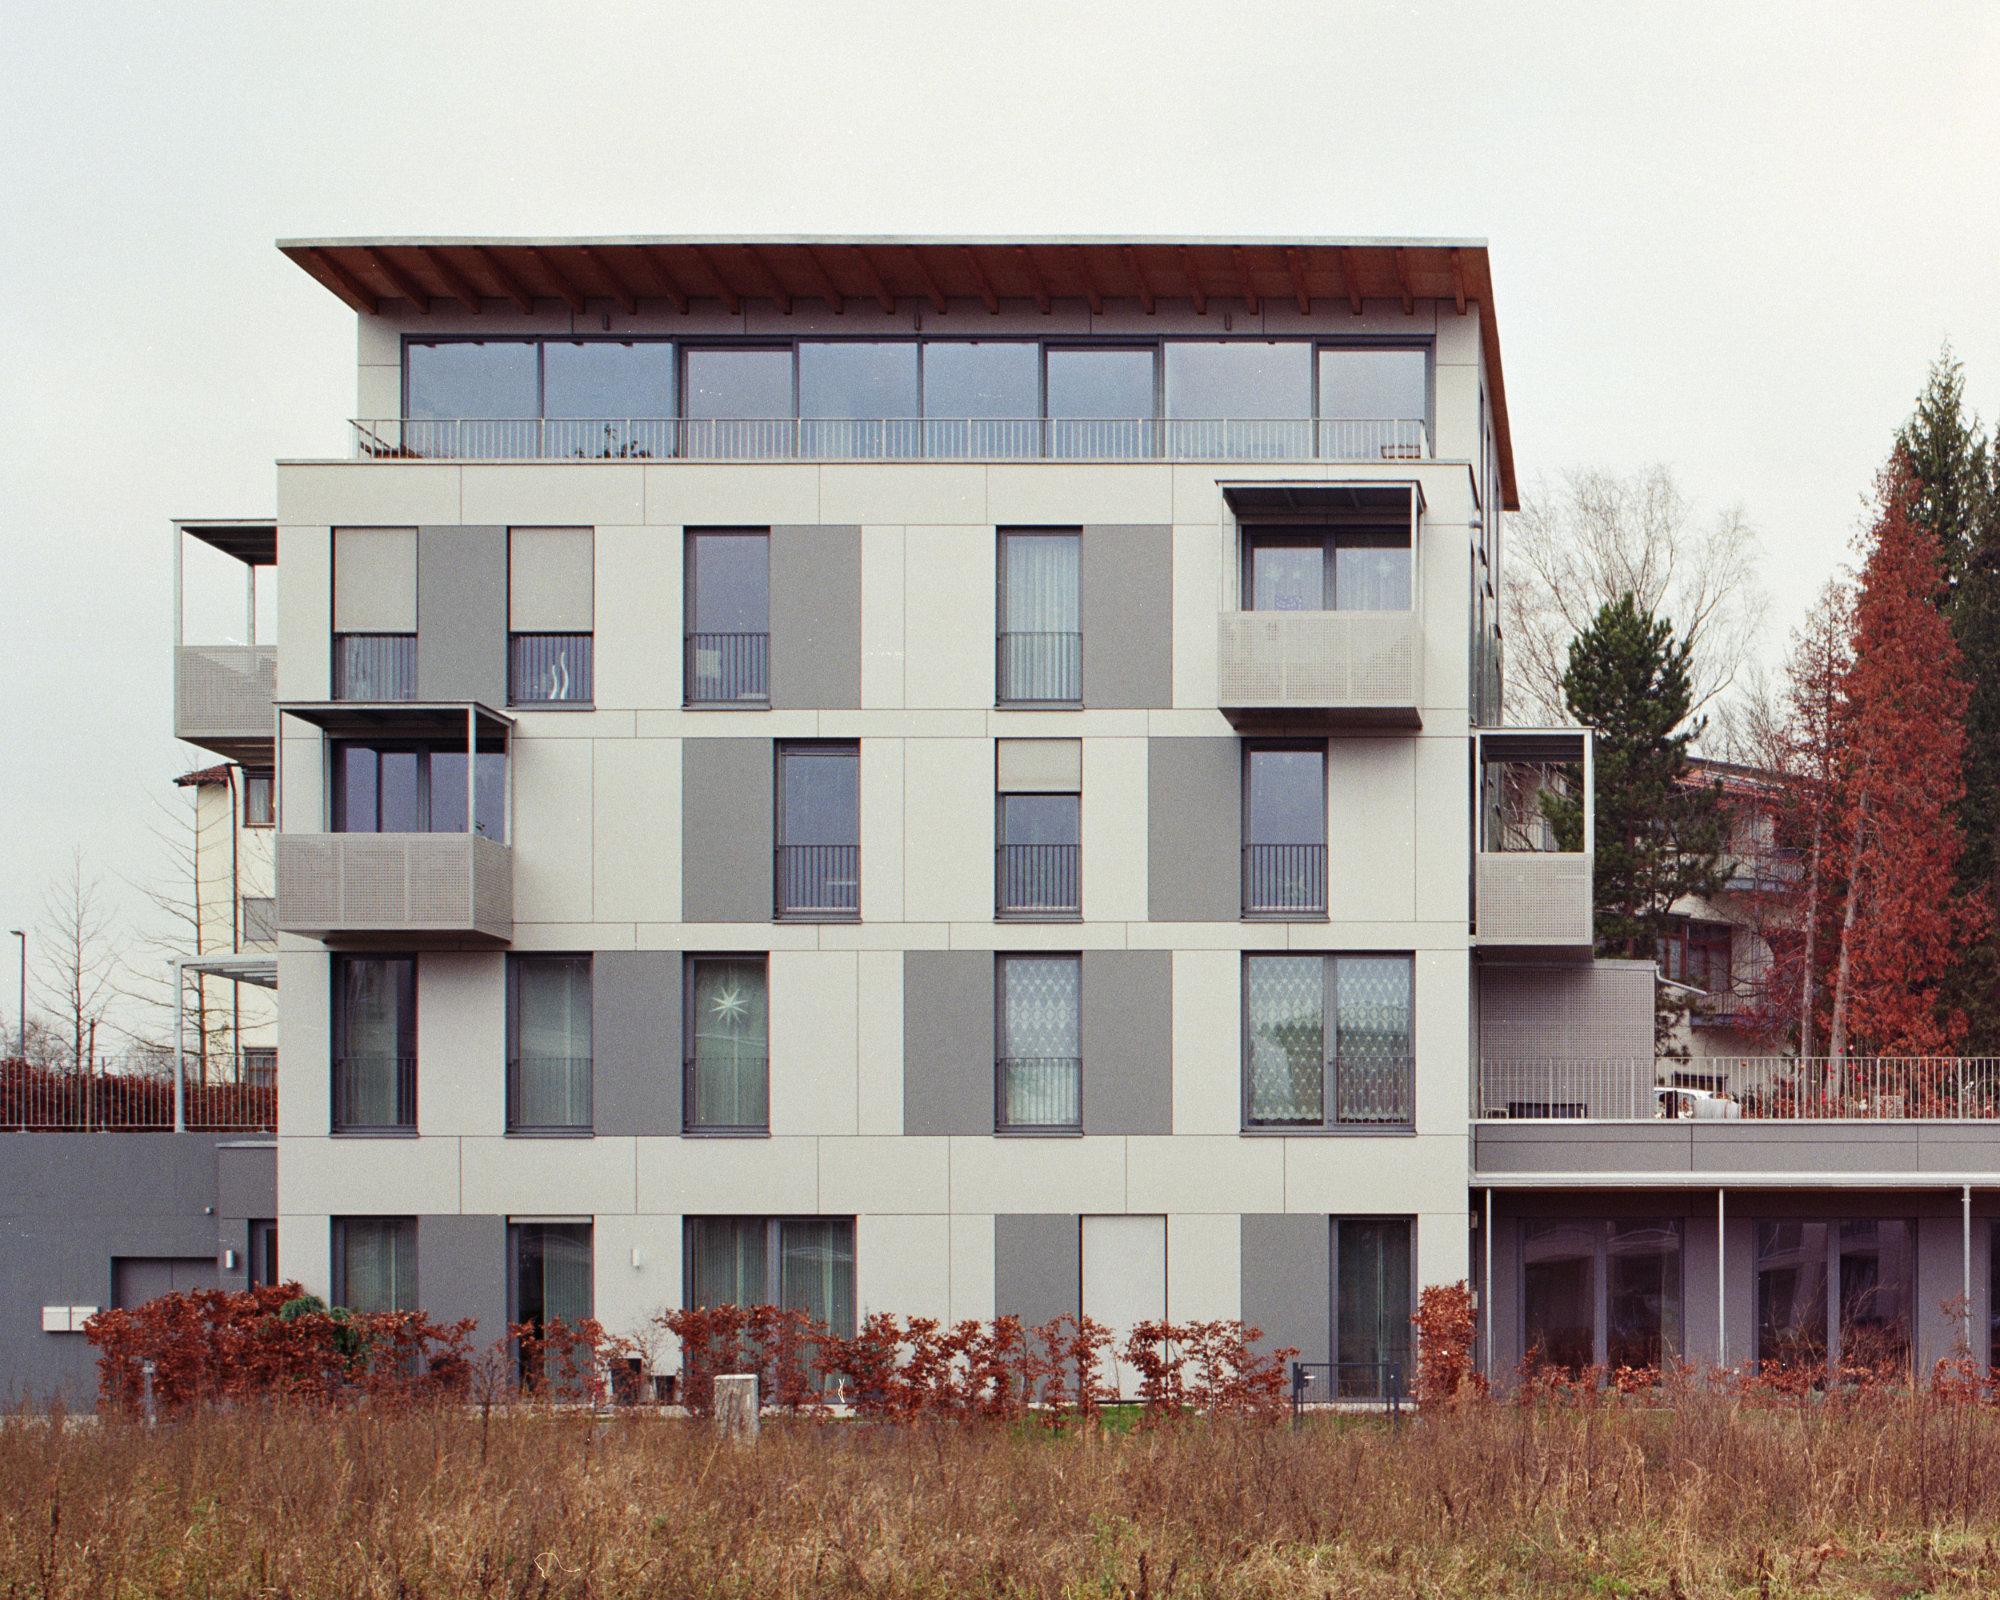 Simbach am Inn, Germany